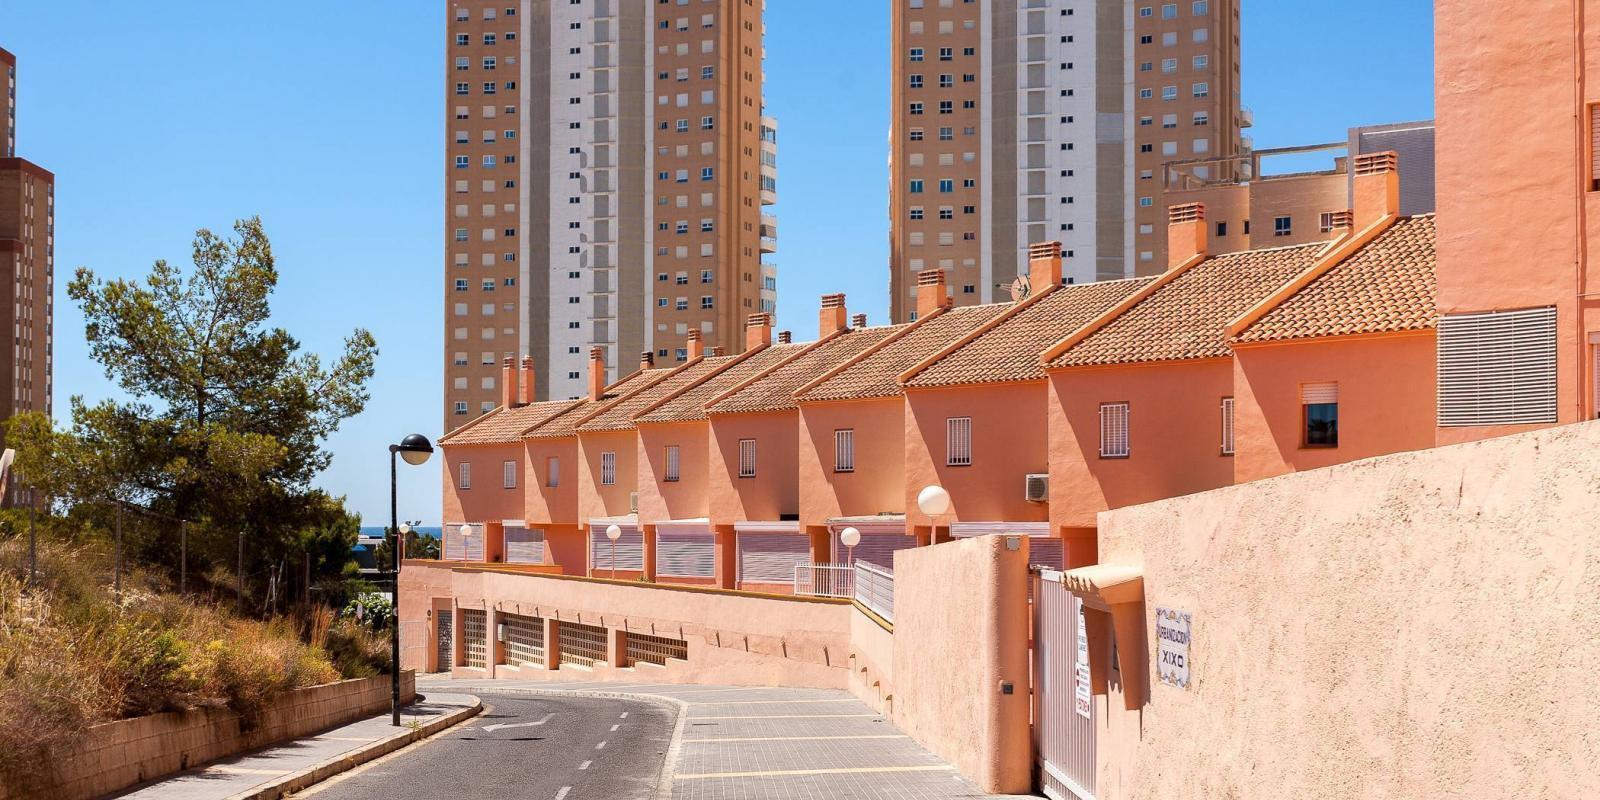 Avenida de Paraguay